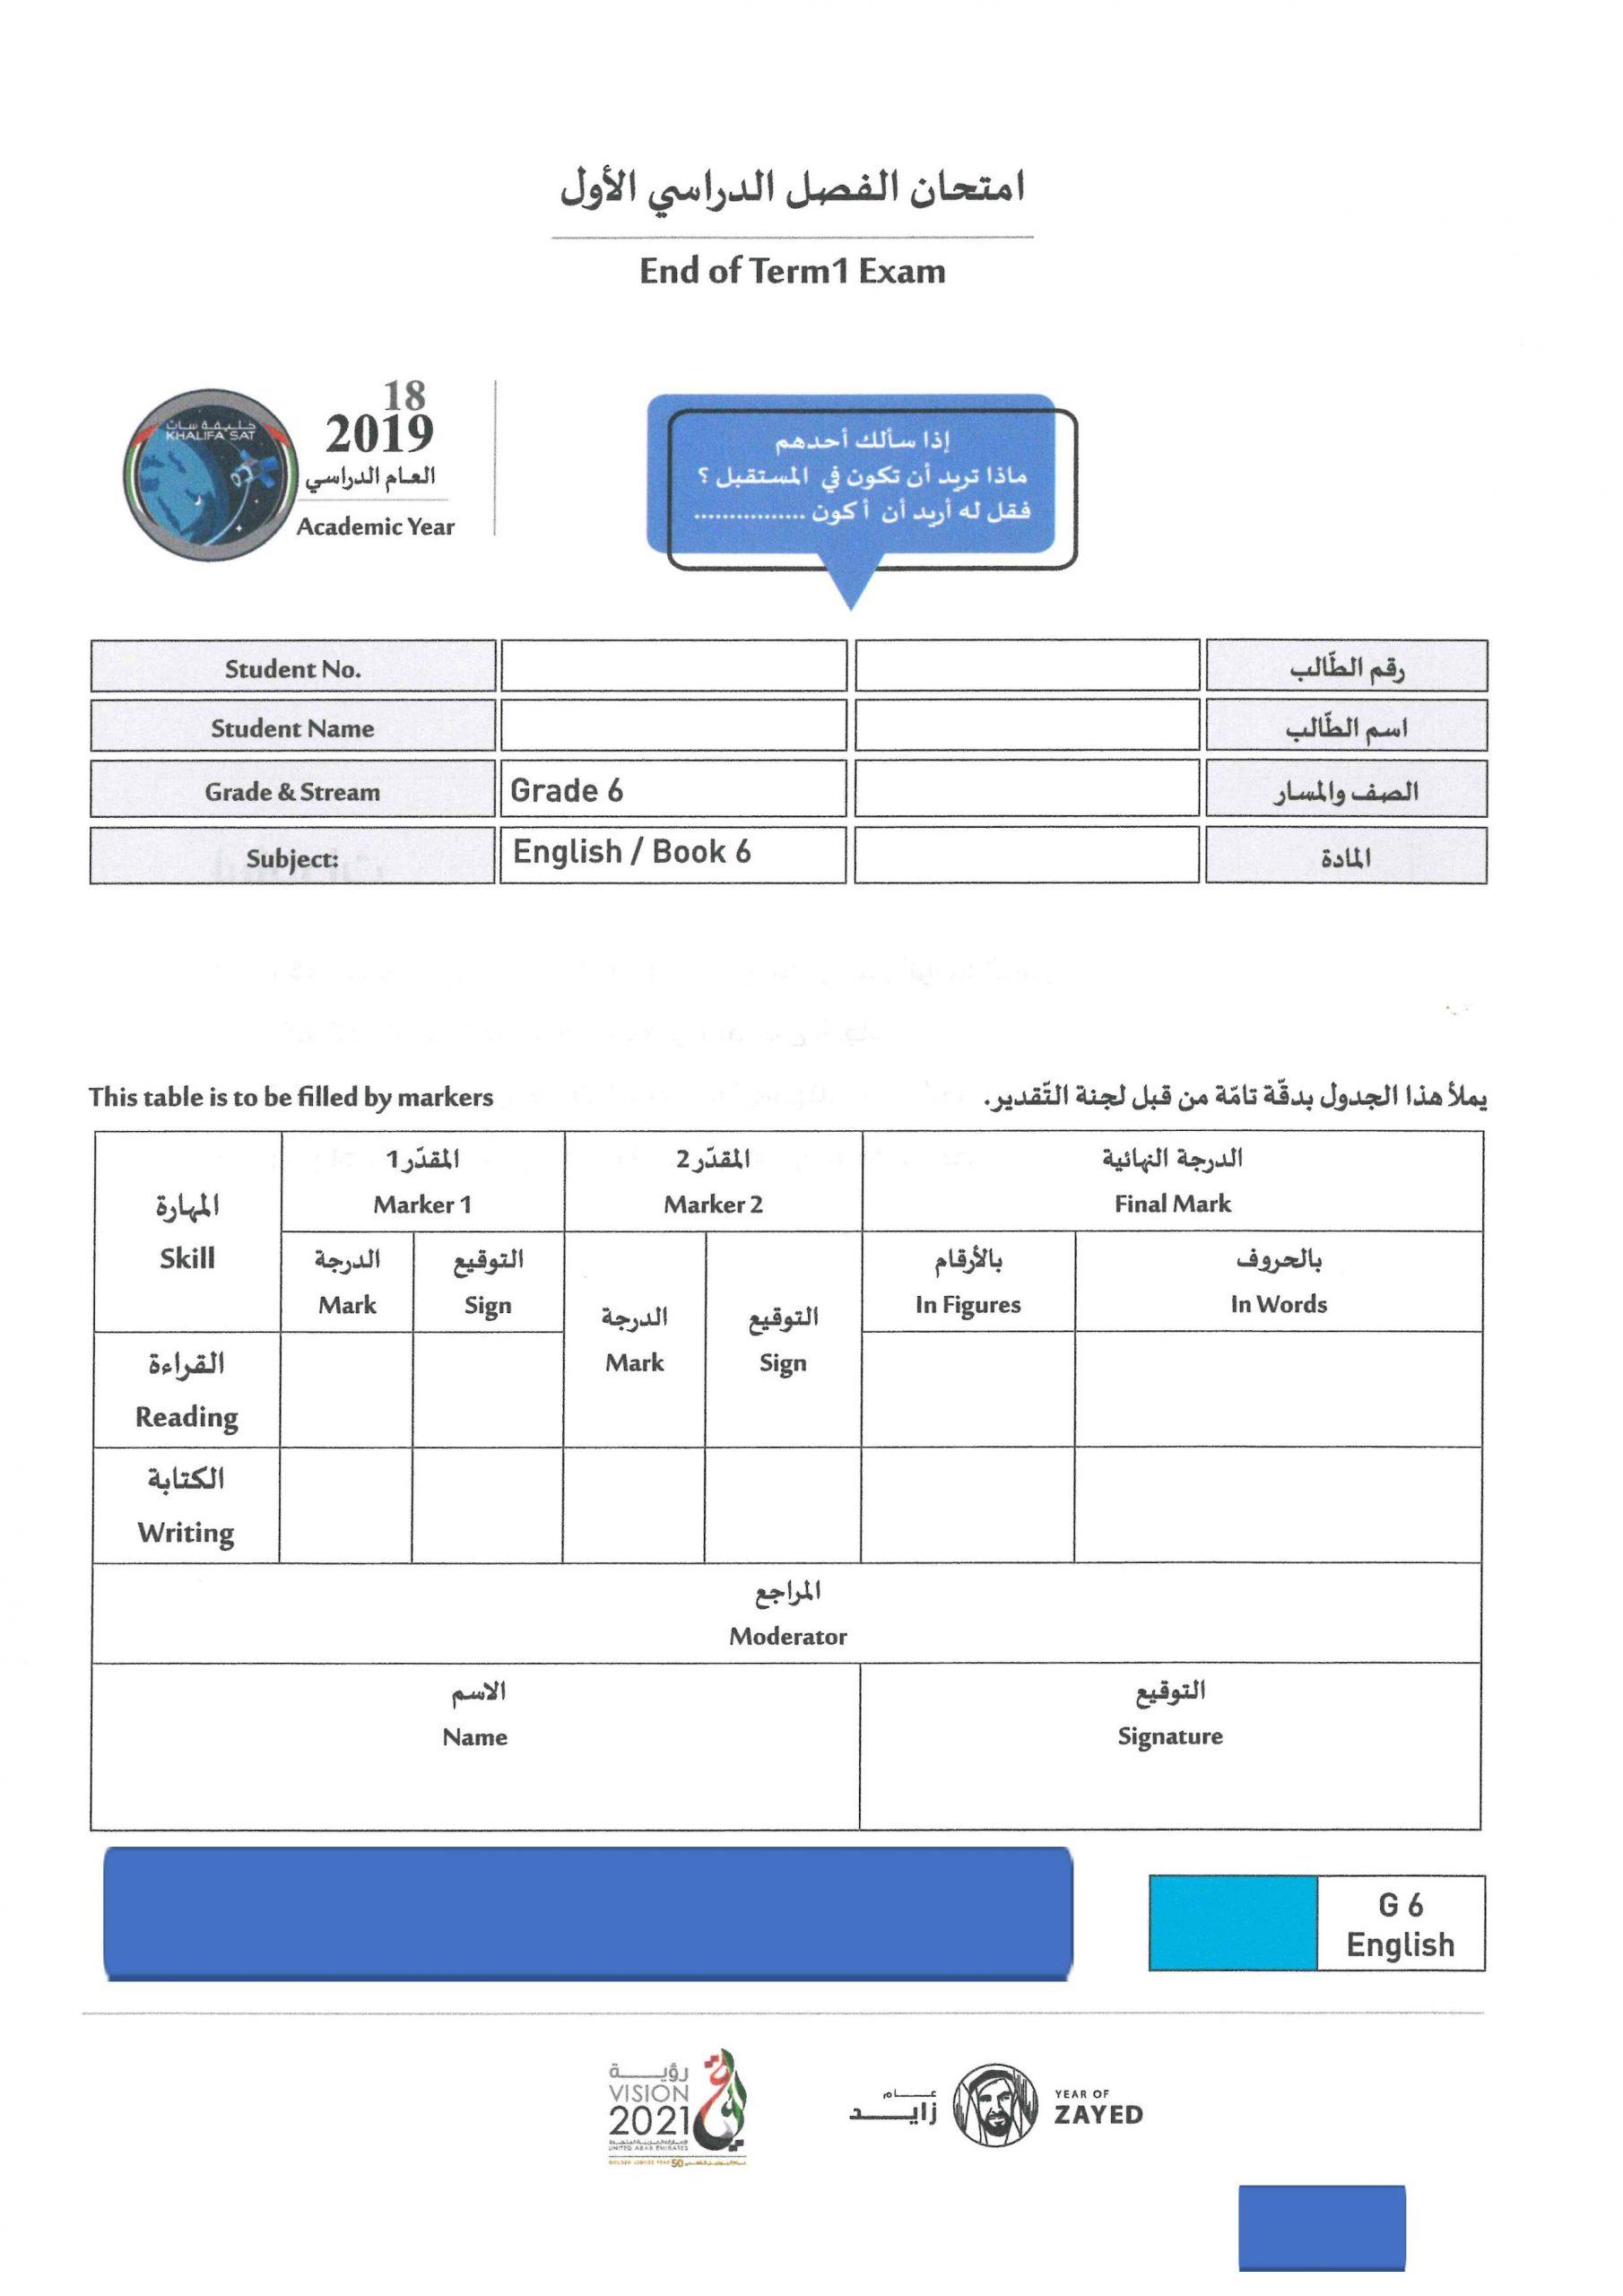 امتحان نهاية الفصل الدراسي الاول 2018-2019 الصف السادس مادة اللغة الانجليزية